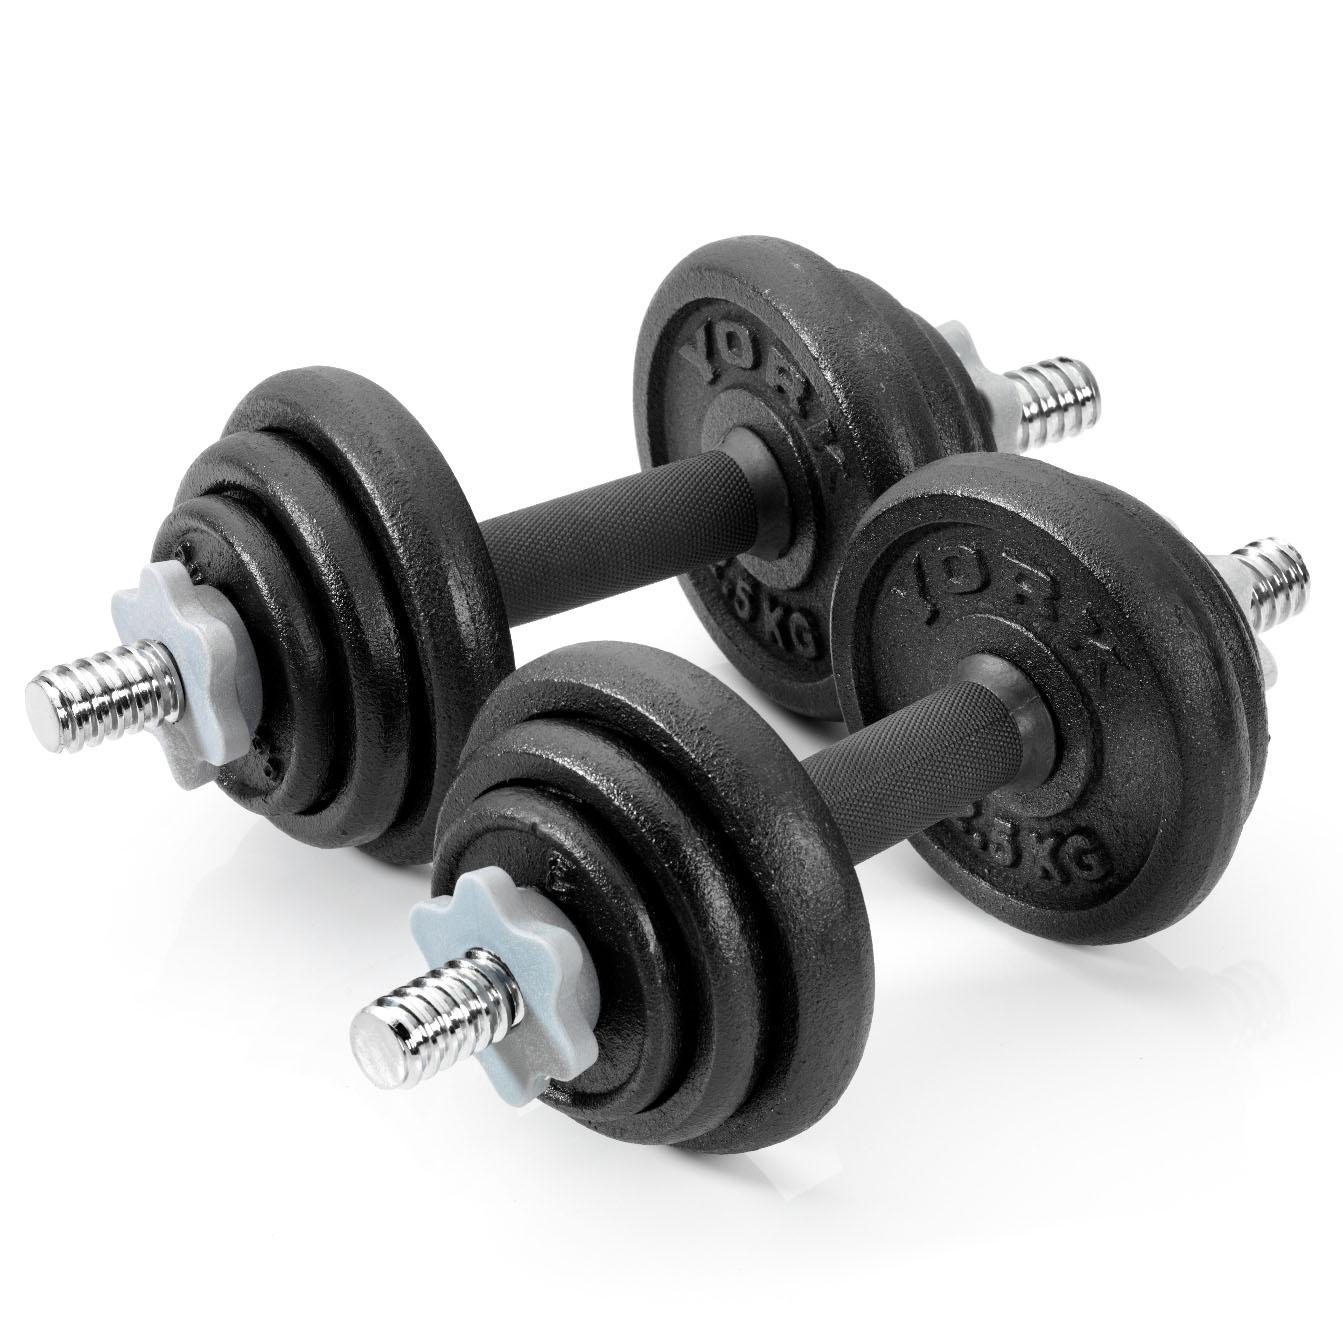 York 20kg Black Cast Iron Dumbbell Spinlock Set